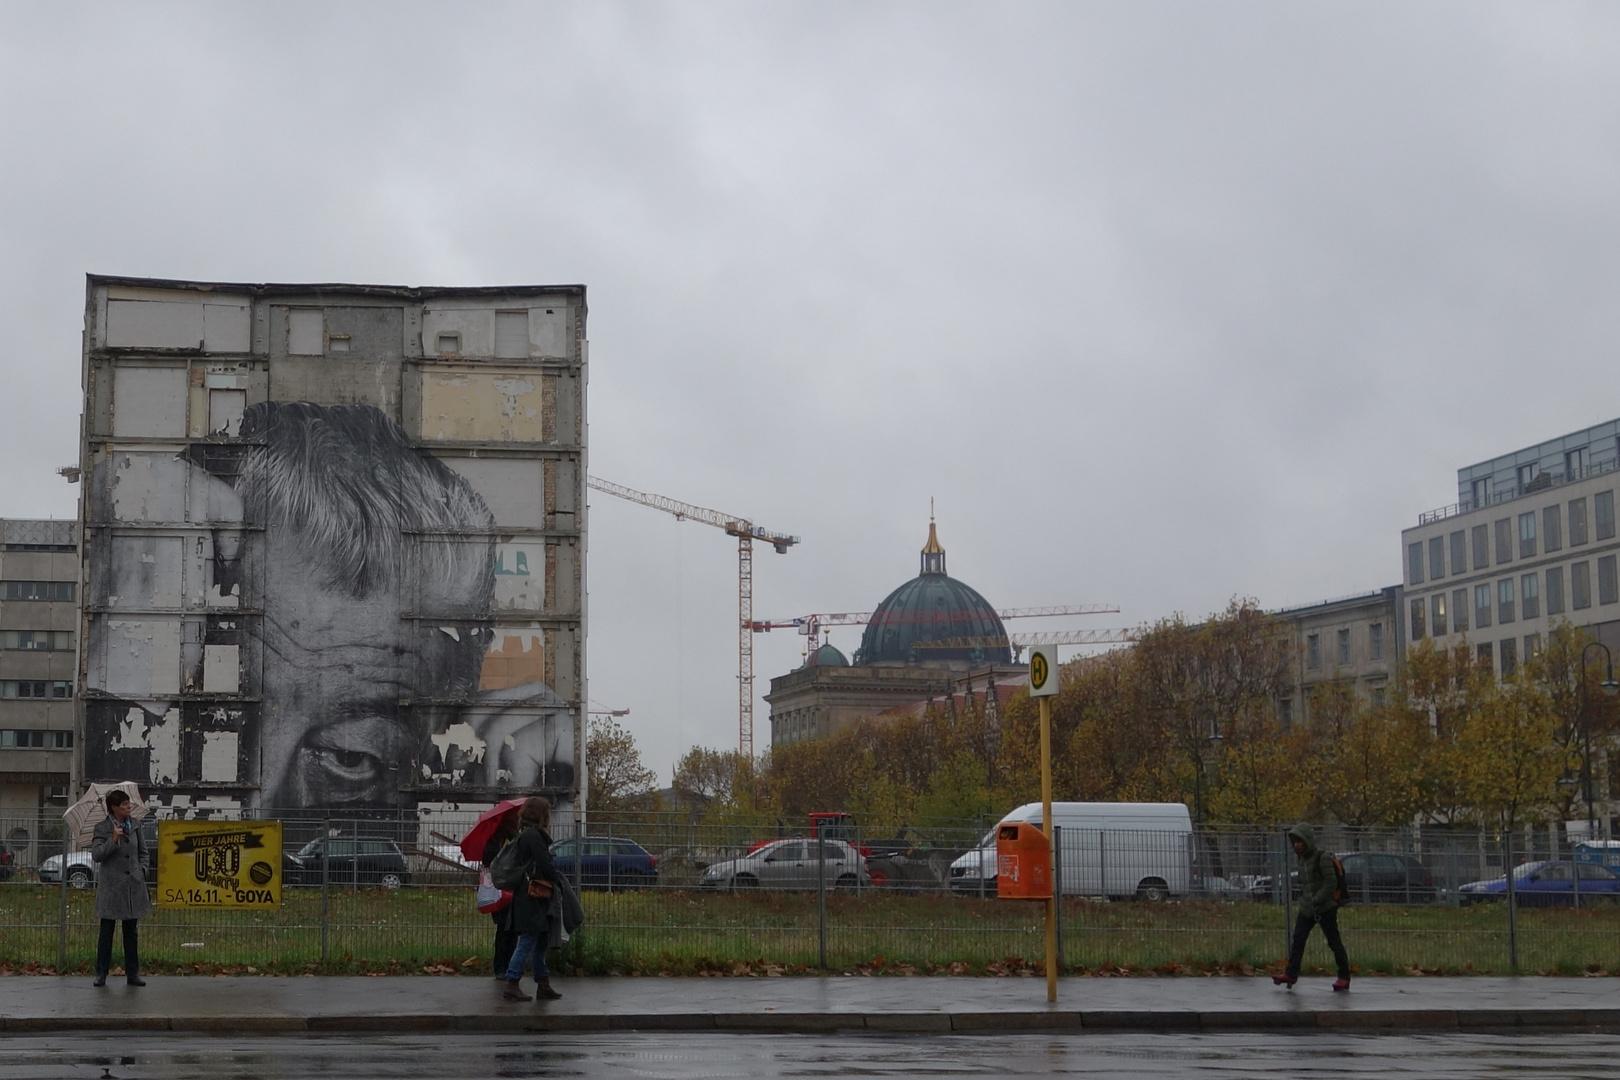 JR was there (Berlin-Mitte), now in Baden Baden